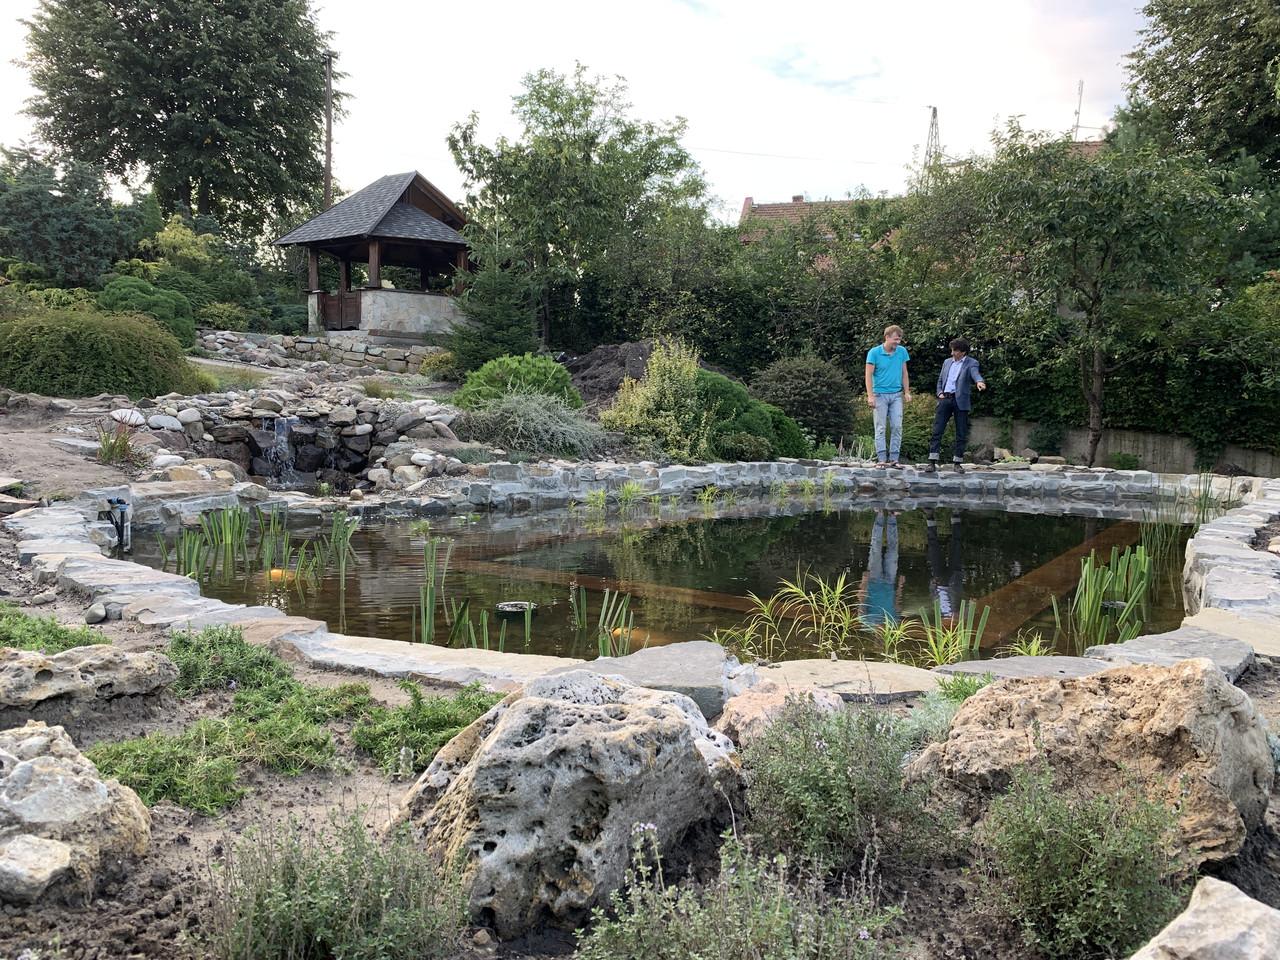 Изготовление плавательных прудов, экопруд, биопруд, пруд с растениями